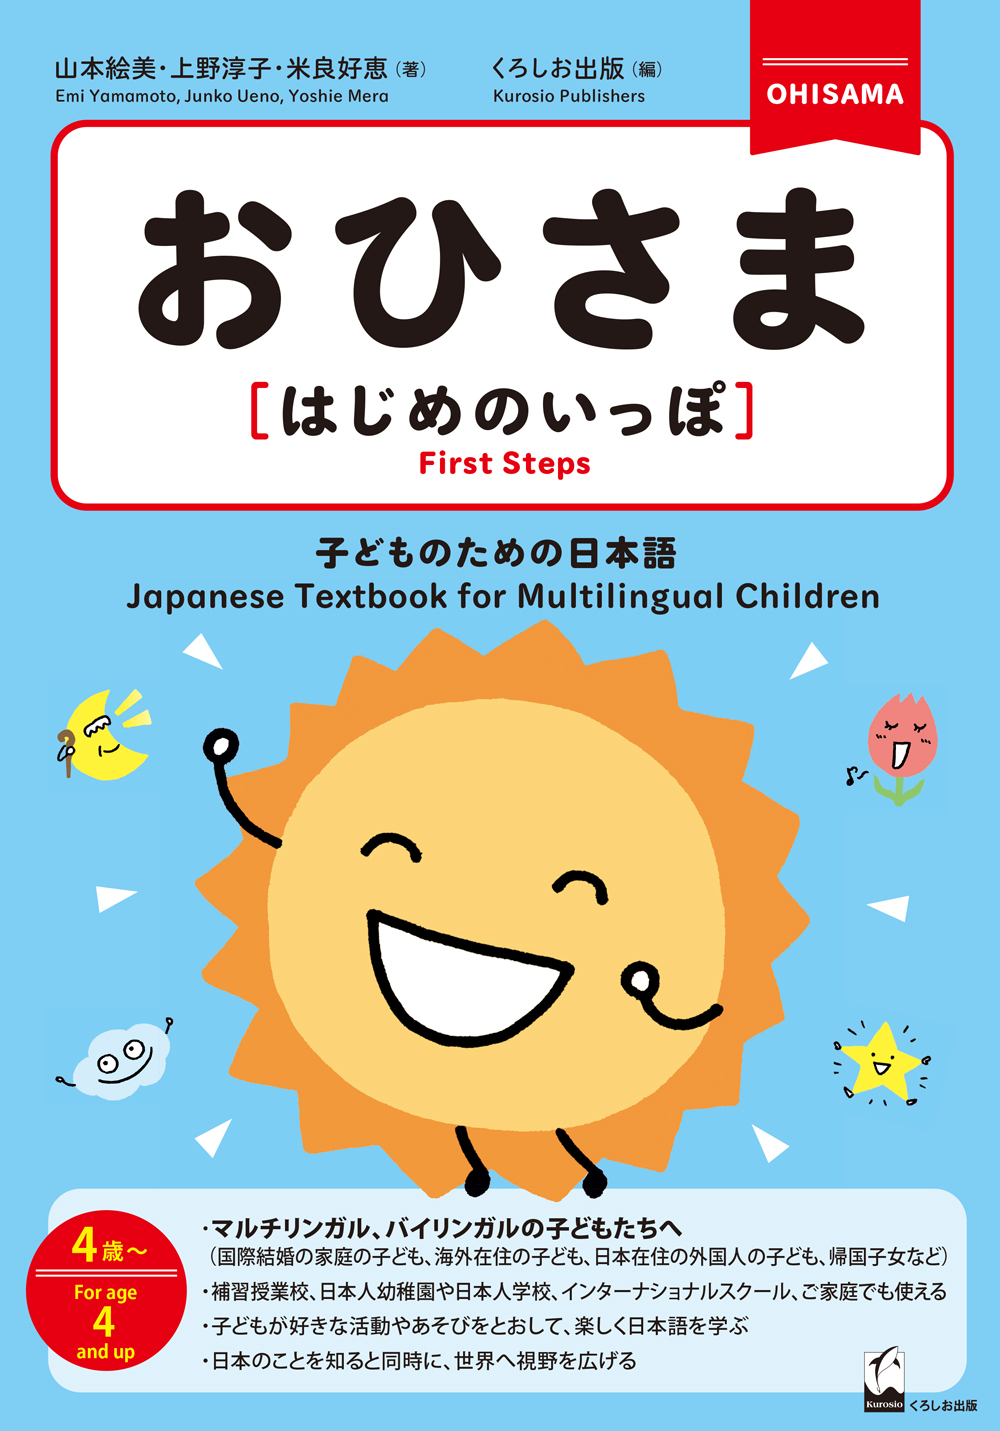 おひさま [はじめのいっぽ] ―子どものための日本語画像